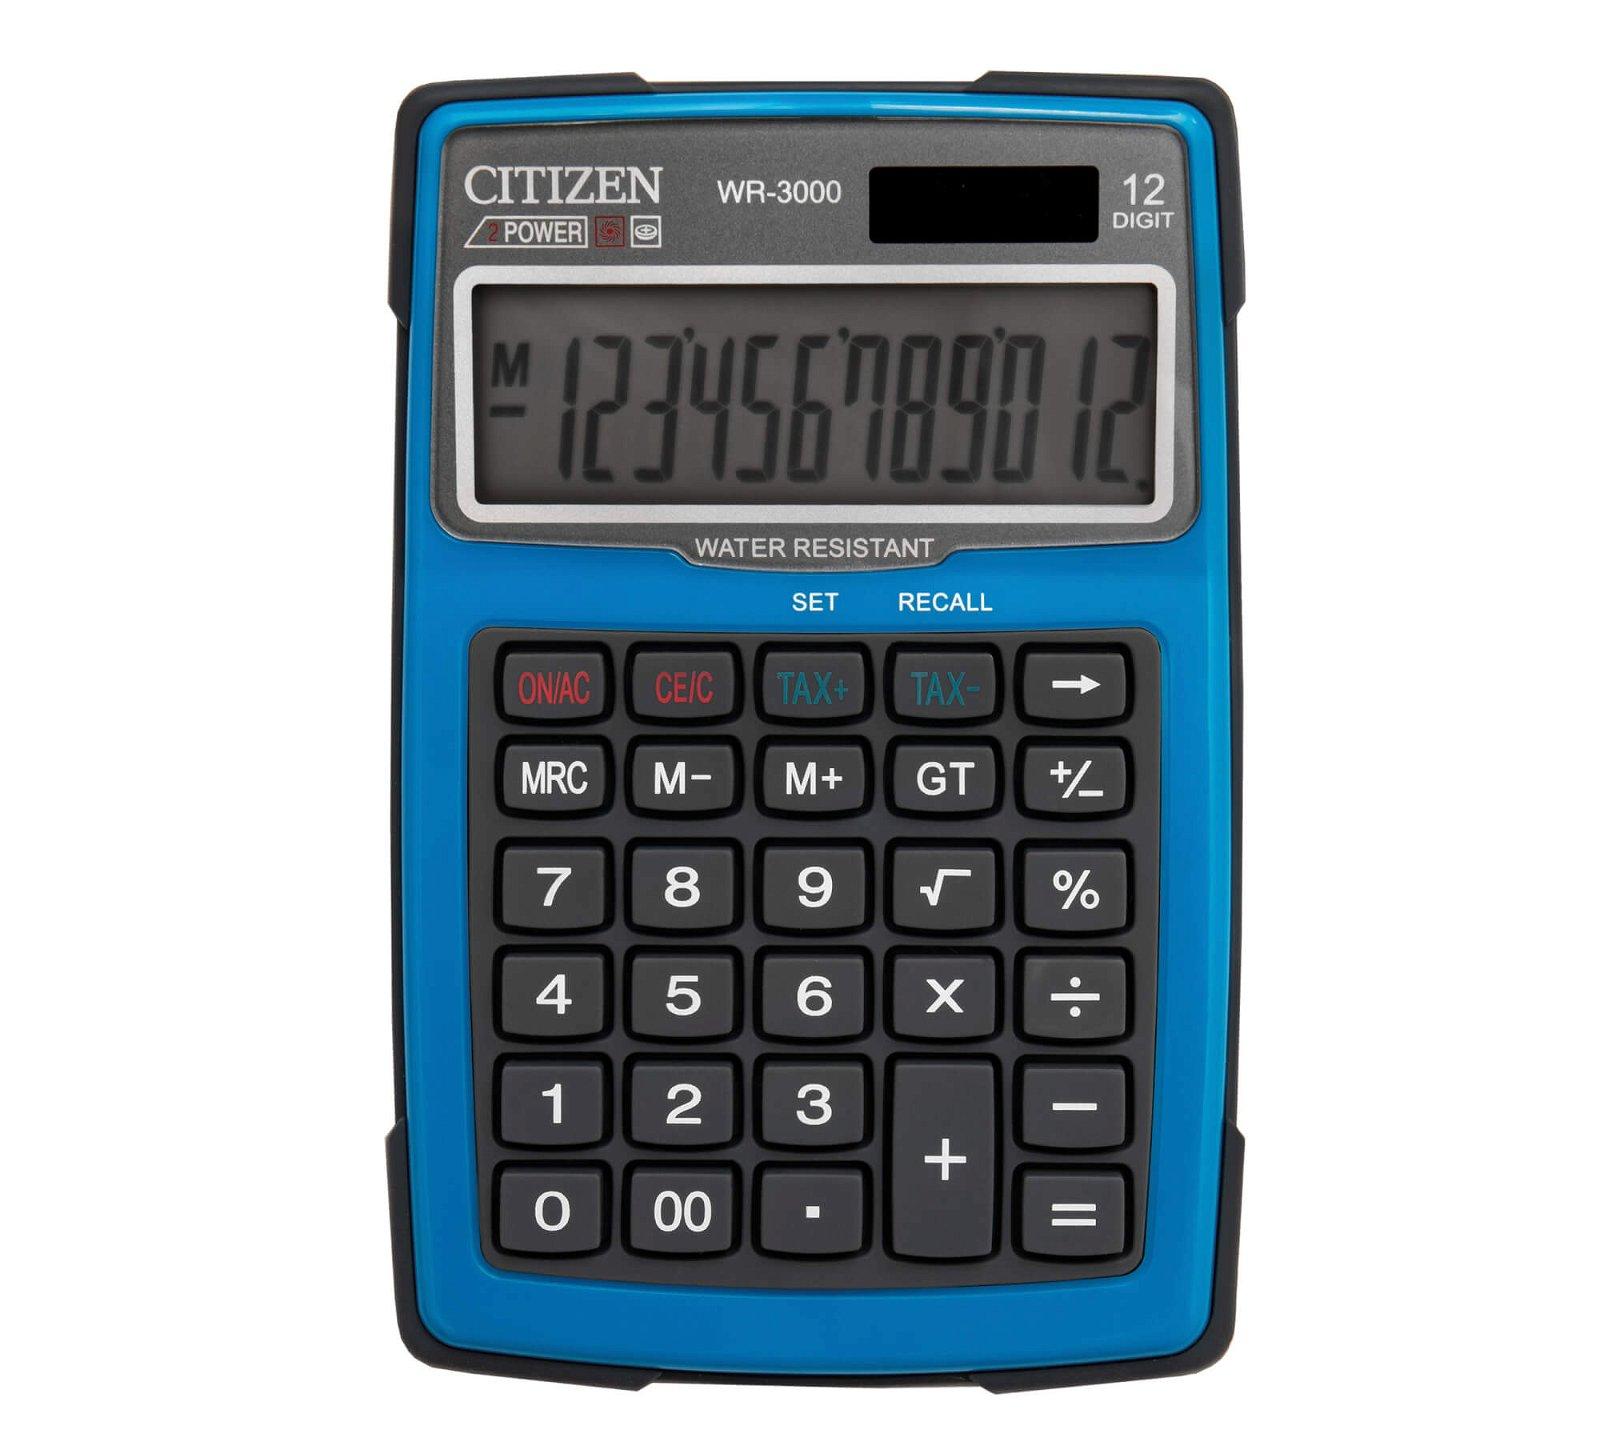 Tischrechner outdoor WR-3000BL, hellblau